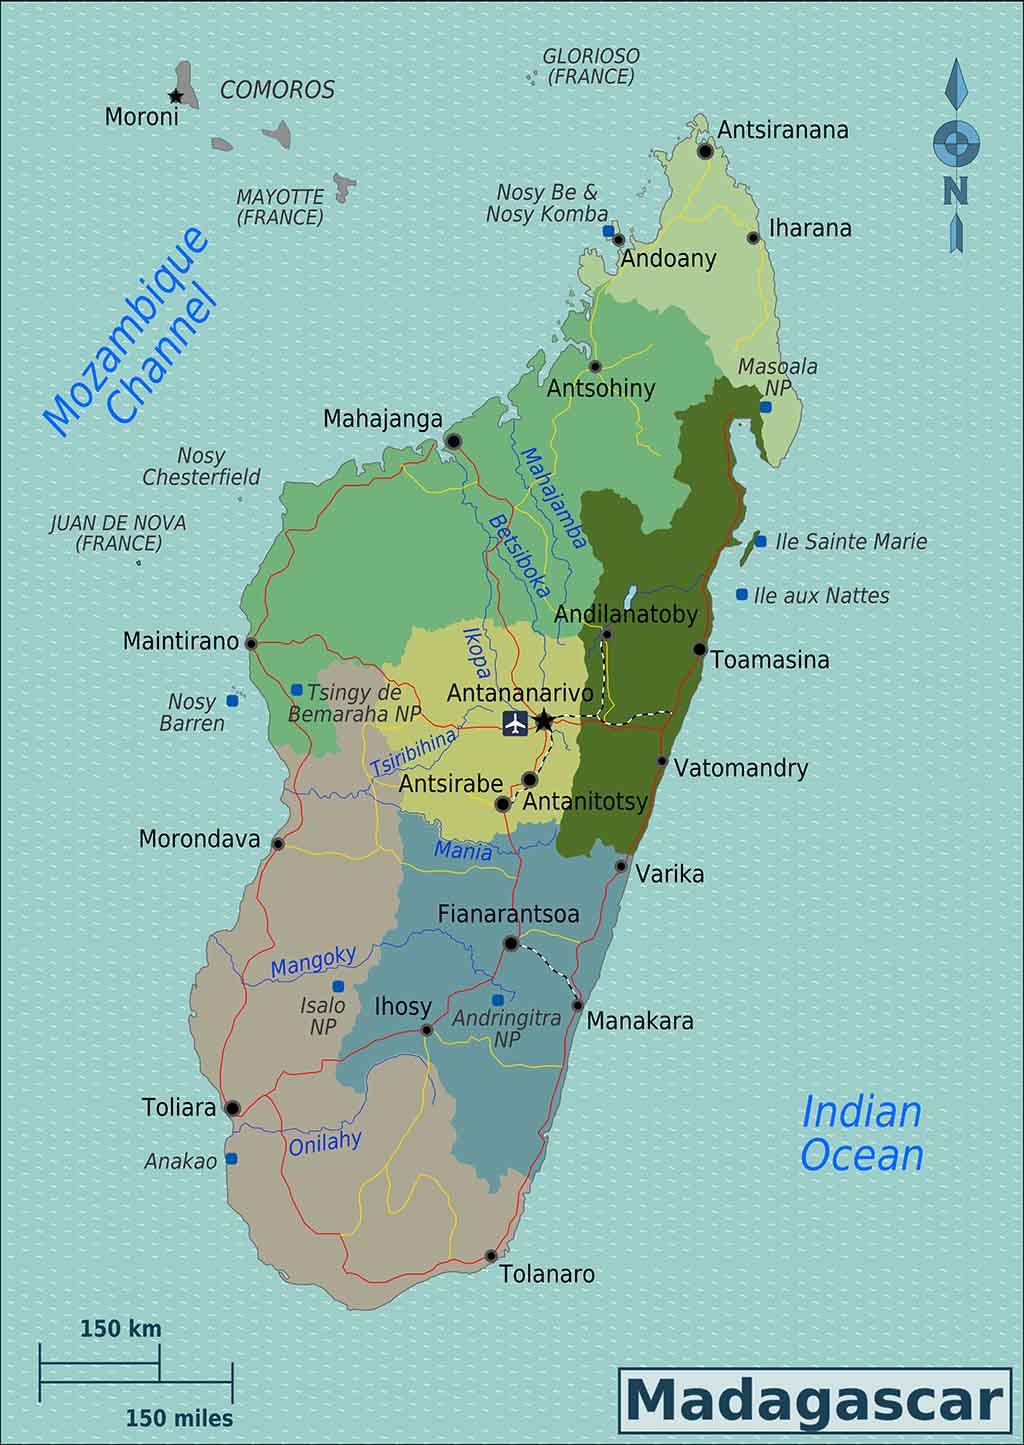 Madagascar_Regions_map